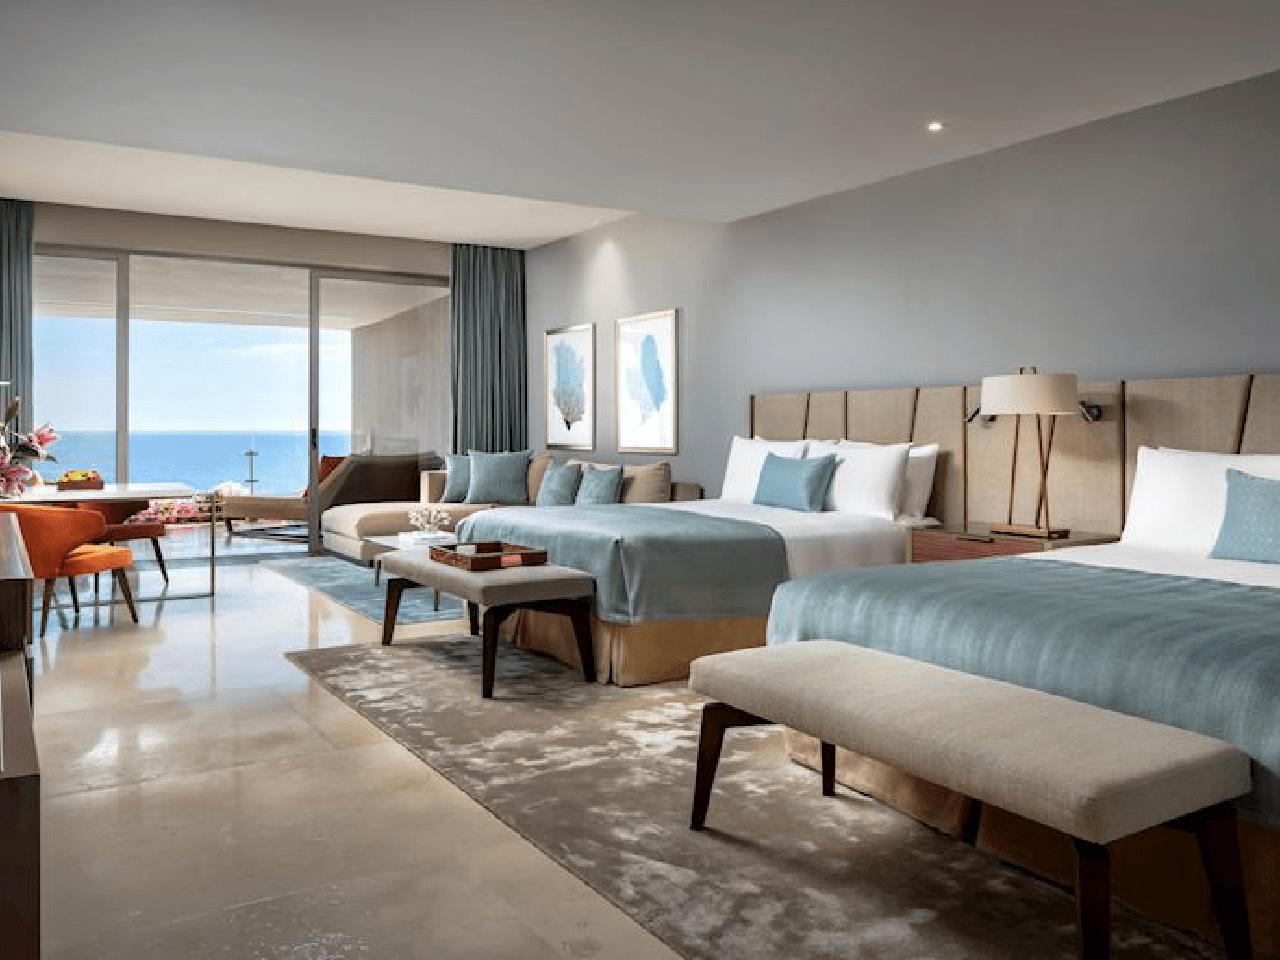 habitación de hotel- Bodas en la playa